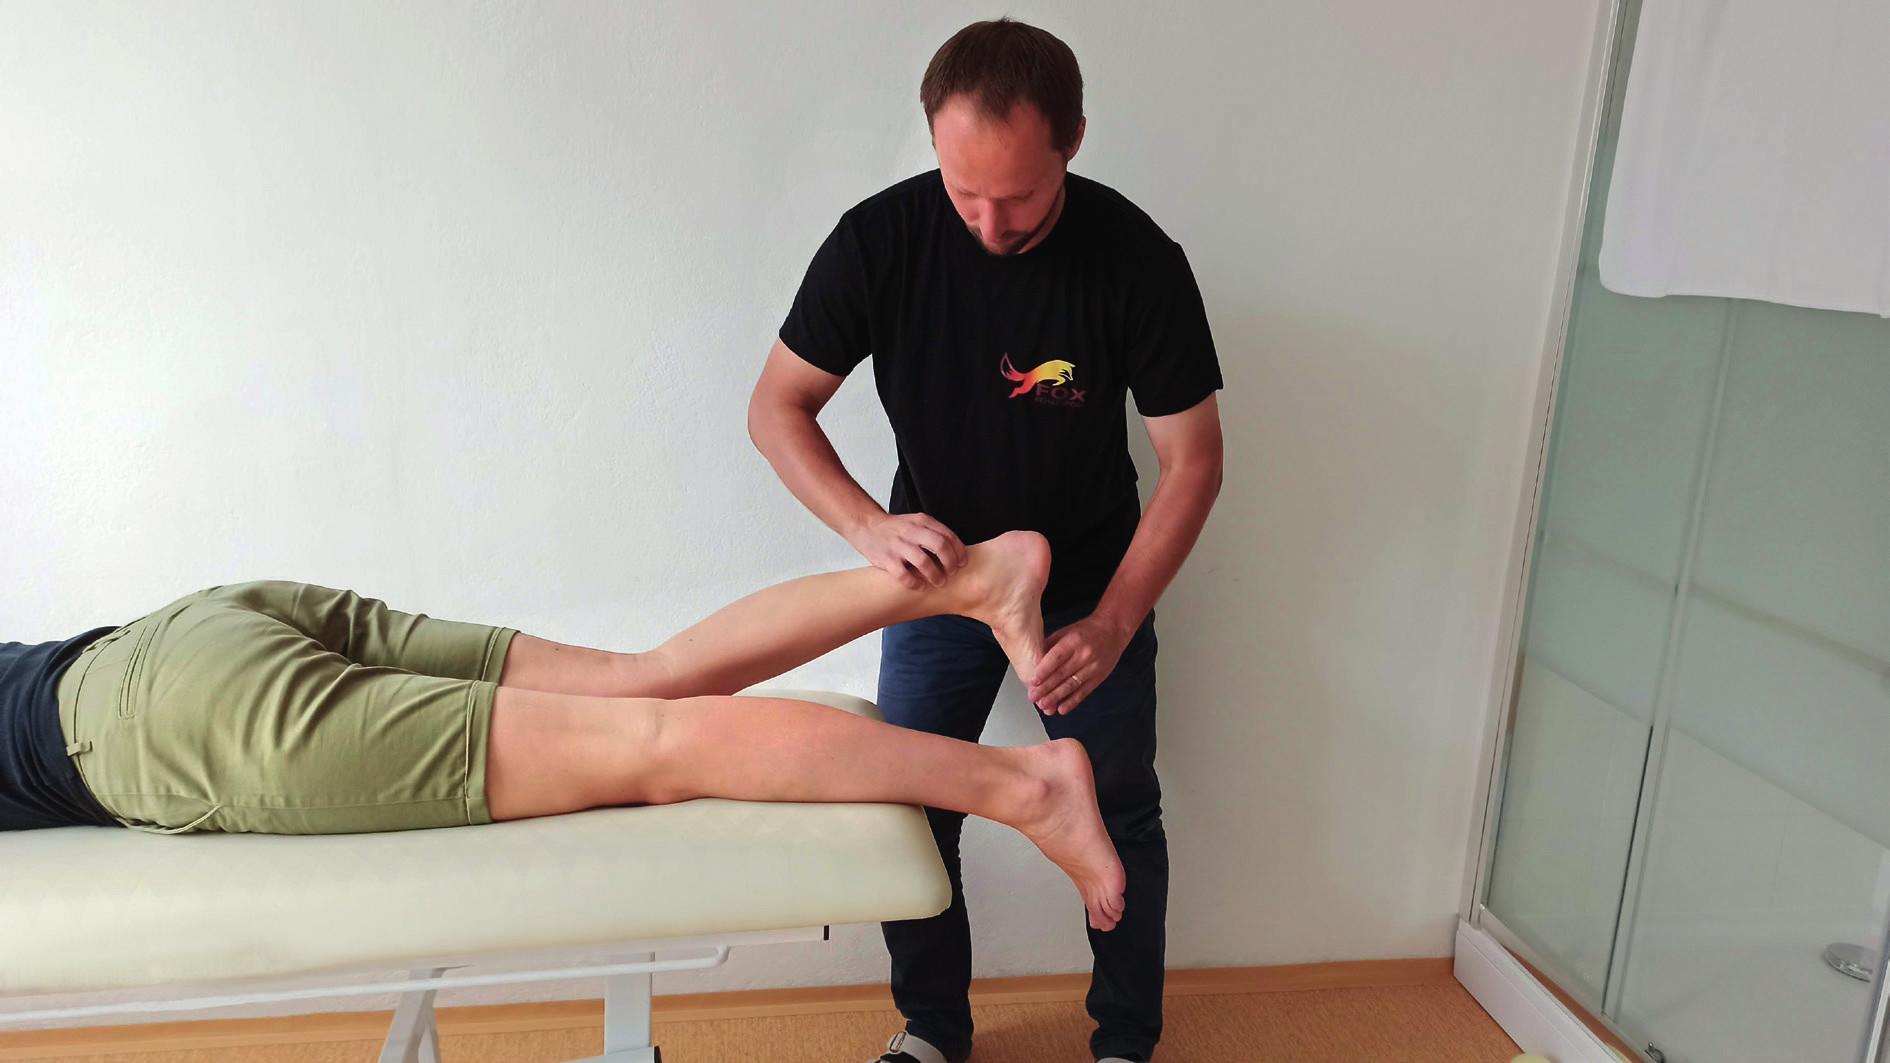 Royal London test pre tendinopatiu Achillovej šľachy. Pacient leží v pozícii na bruchu na vyšetrovacom stole. Chodidlá sú mimo vyšetrovacieho stola. V tejto pozícii vyšetrujúci palpuje Achillovú šľachu. Pozitívnym príznakom je bolestivosť Achillovej šľachy. V druhej fáze testovania pacient urobí maximálnu dorzálnu flexiu v členku a vyšetrujúci následne opakuje palpačné testovanie. Pri tendinopatii Achillovej šľachy bolesť v maximálnej dorzálnej flexii vymizne. Bolesť sa znova objaví po urobení plantárnej flexie.